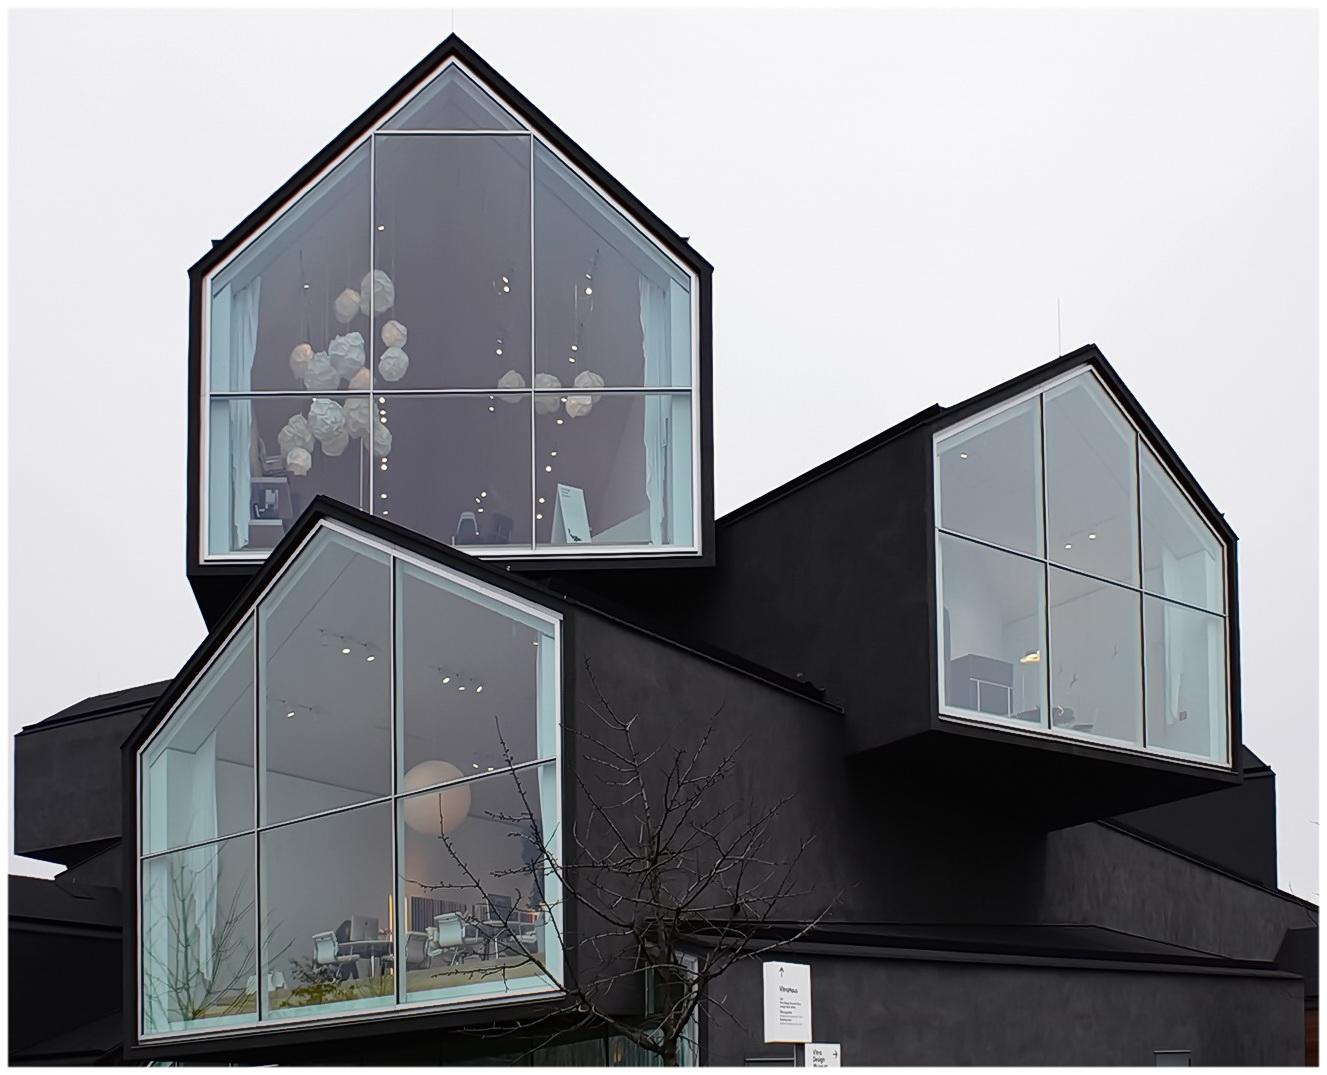 Design in Weil am Rhein